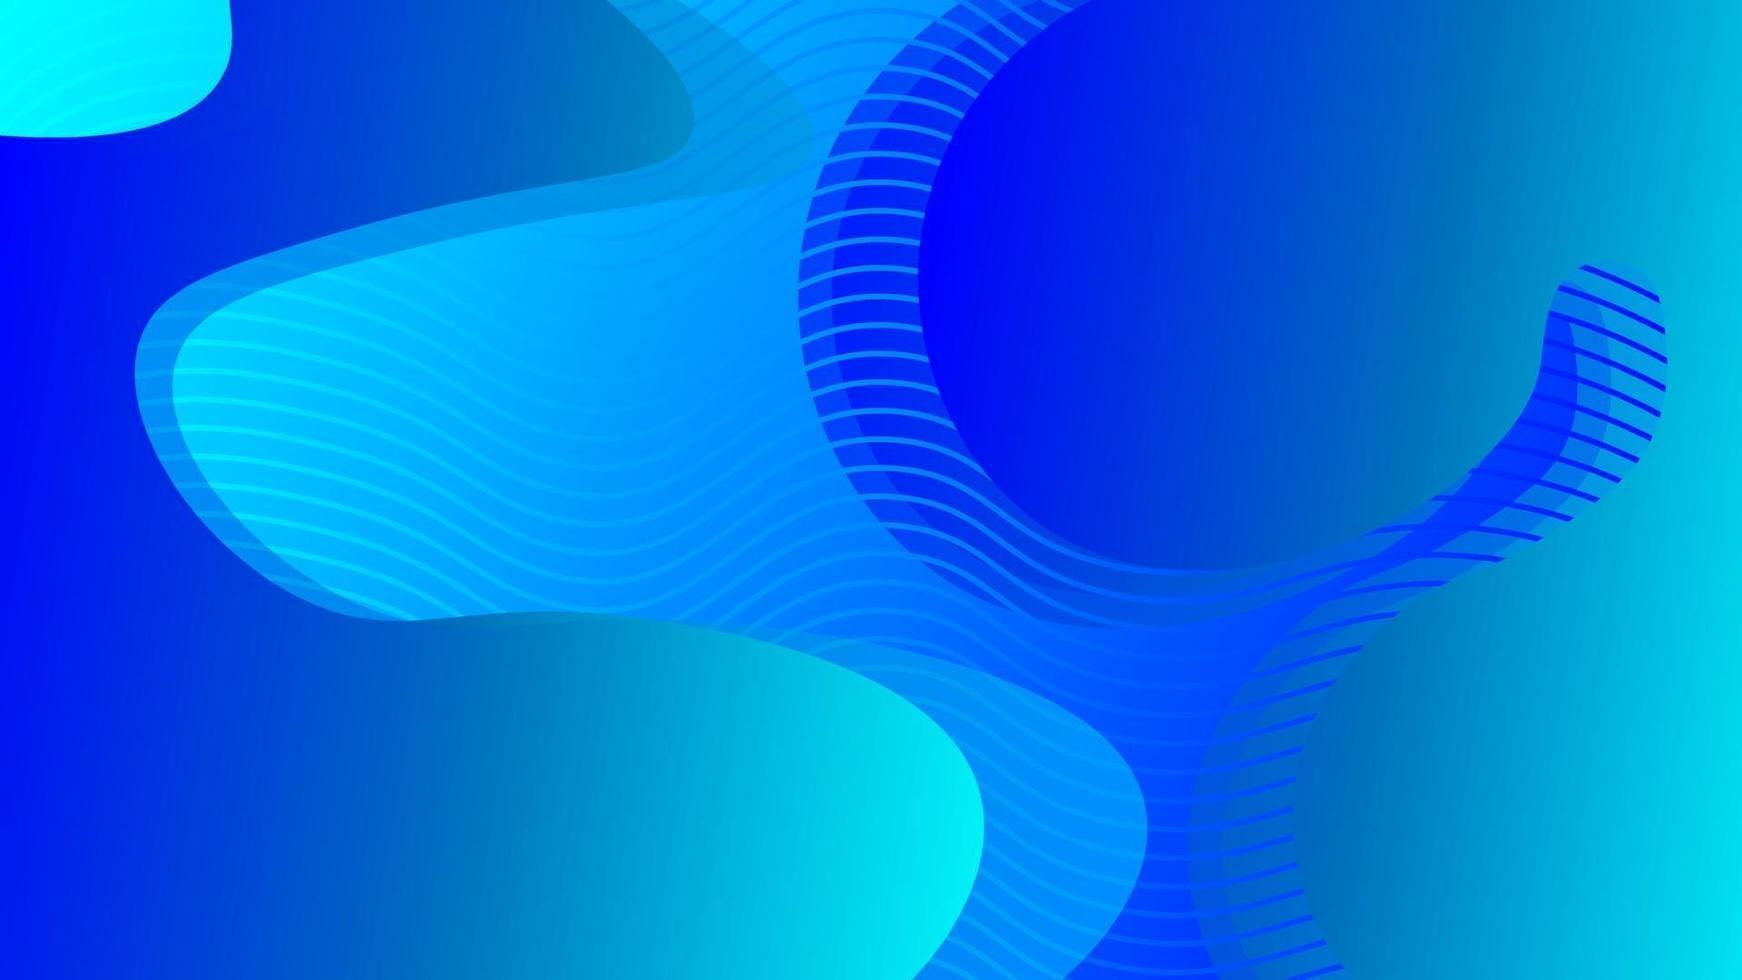 patrón de onda de líquido abstracto envuelto en rayas azules vector